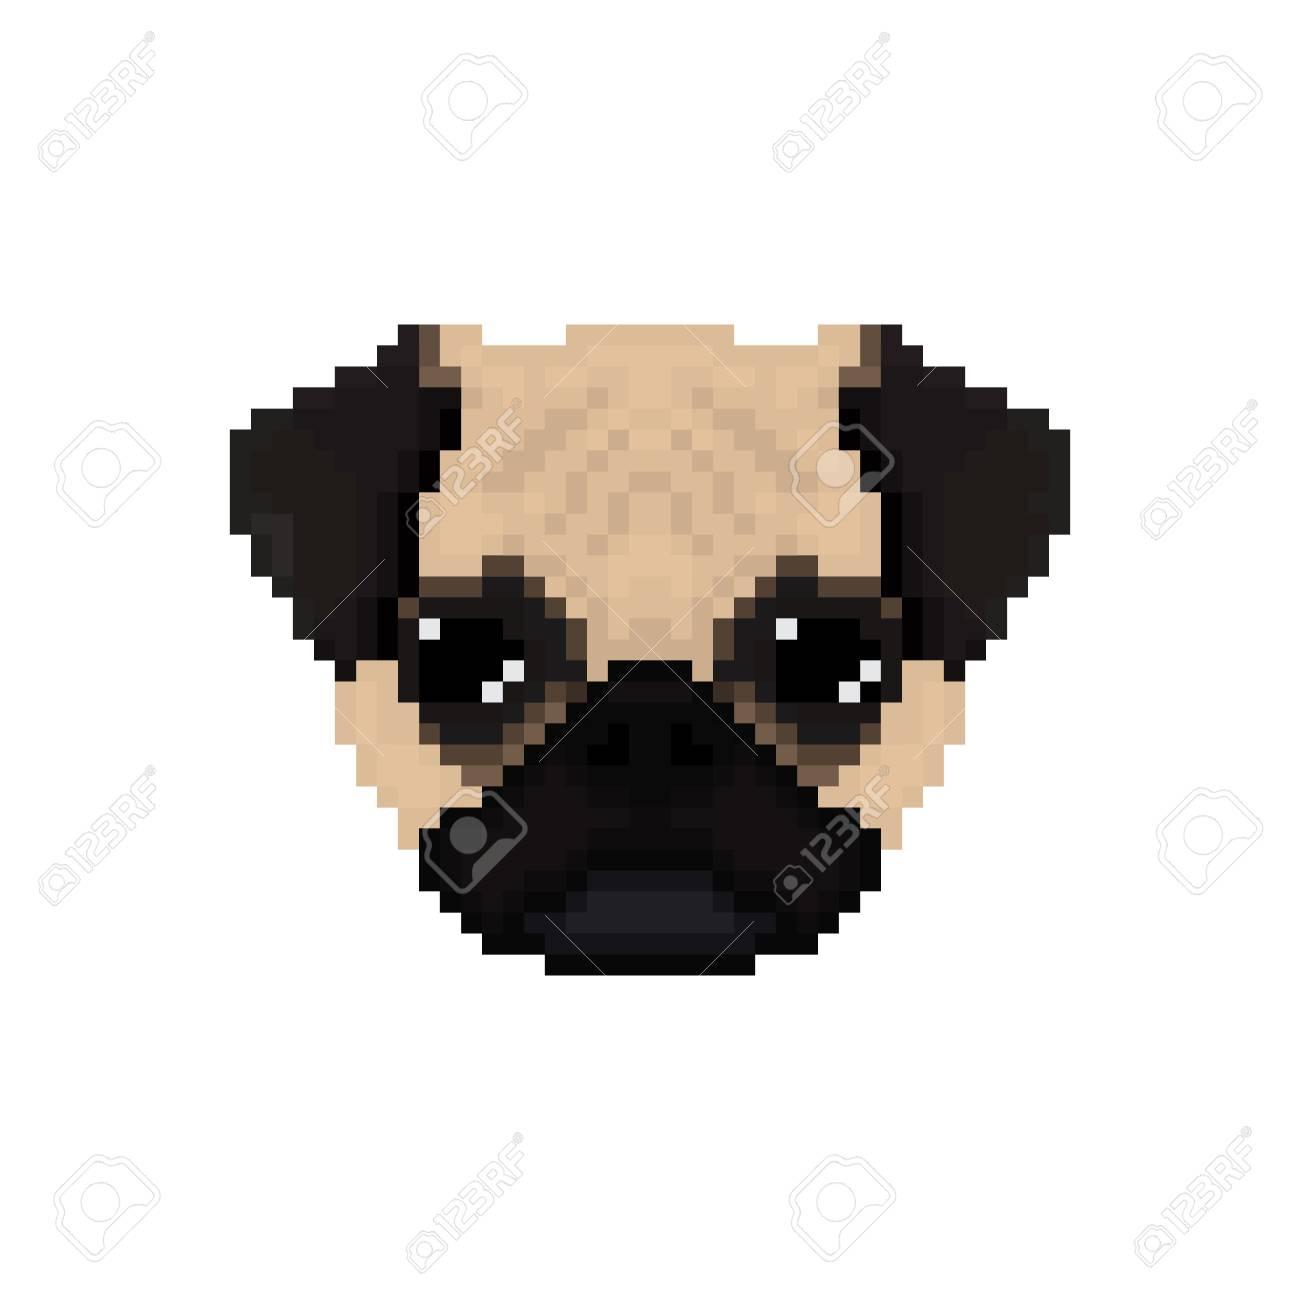 Mops Tête De Chien En Style Art Pixel Illustration Vectorielle